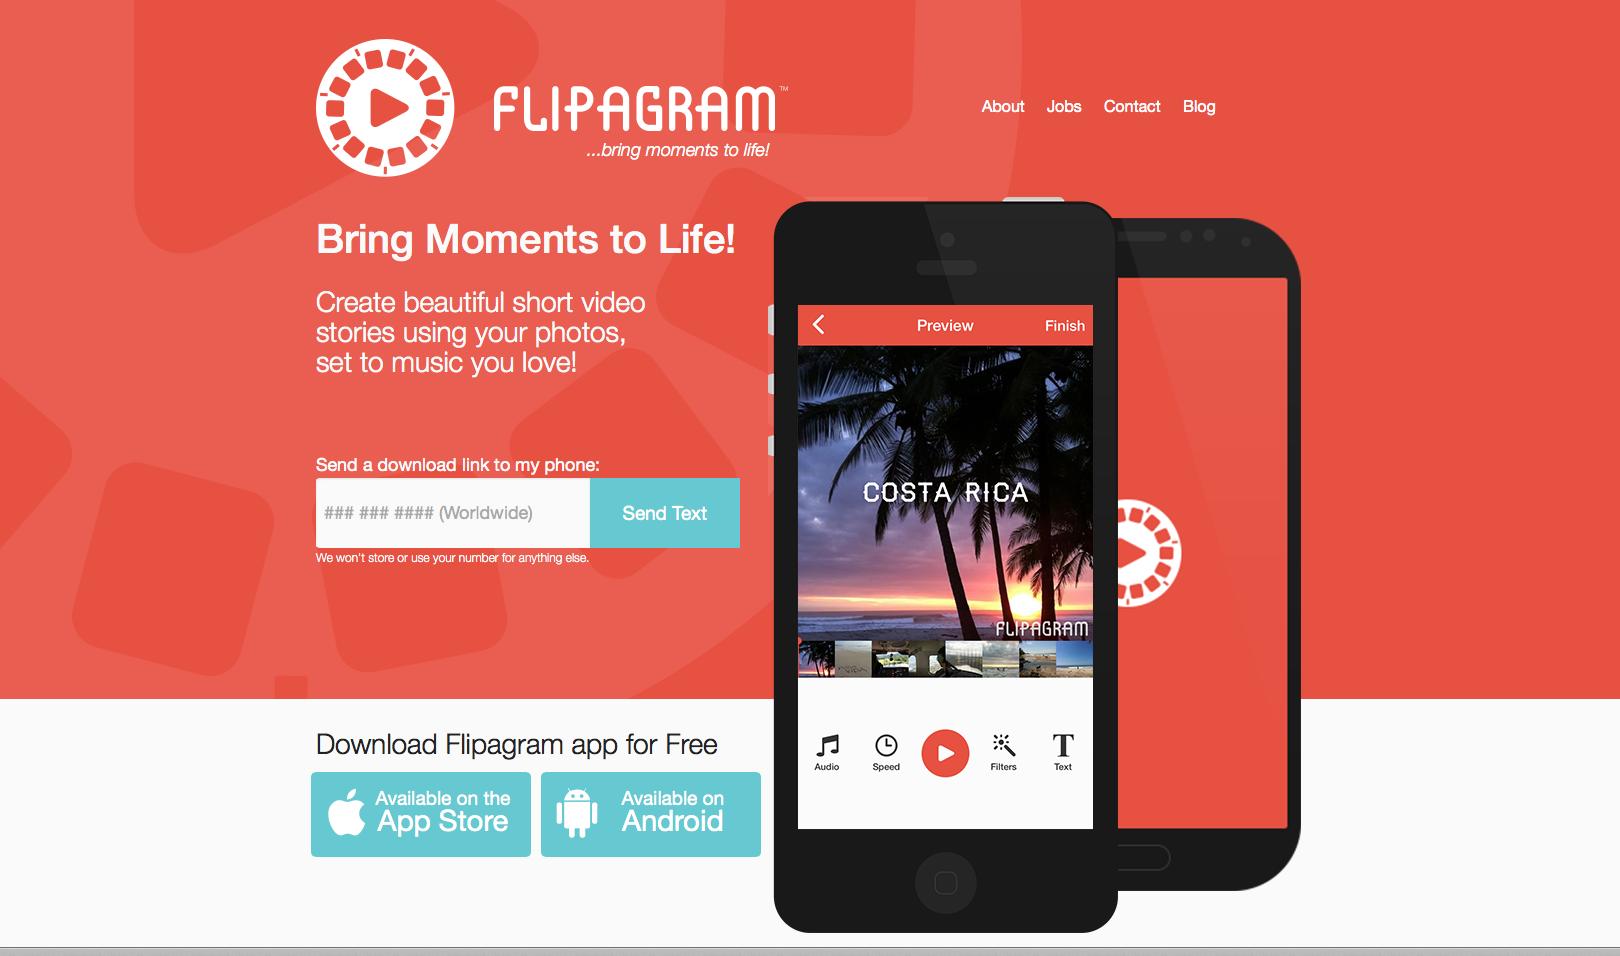 Erstellung von Videos aus Instagram Bildern und mehr mit der Flopagram App.